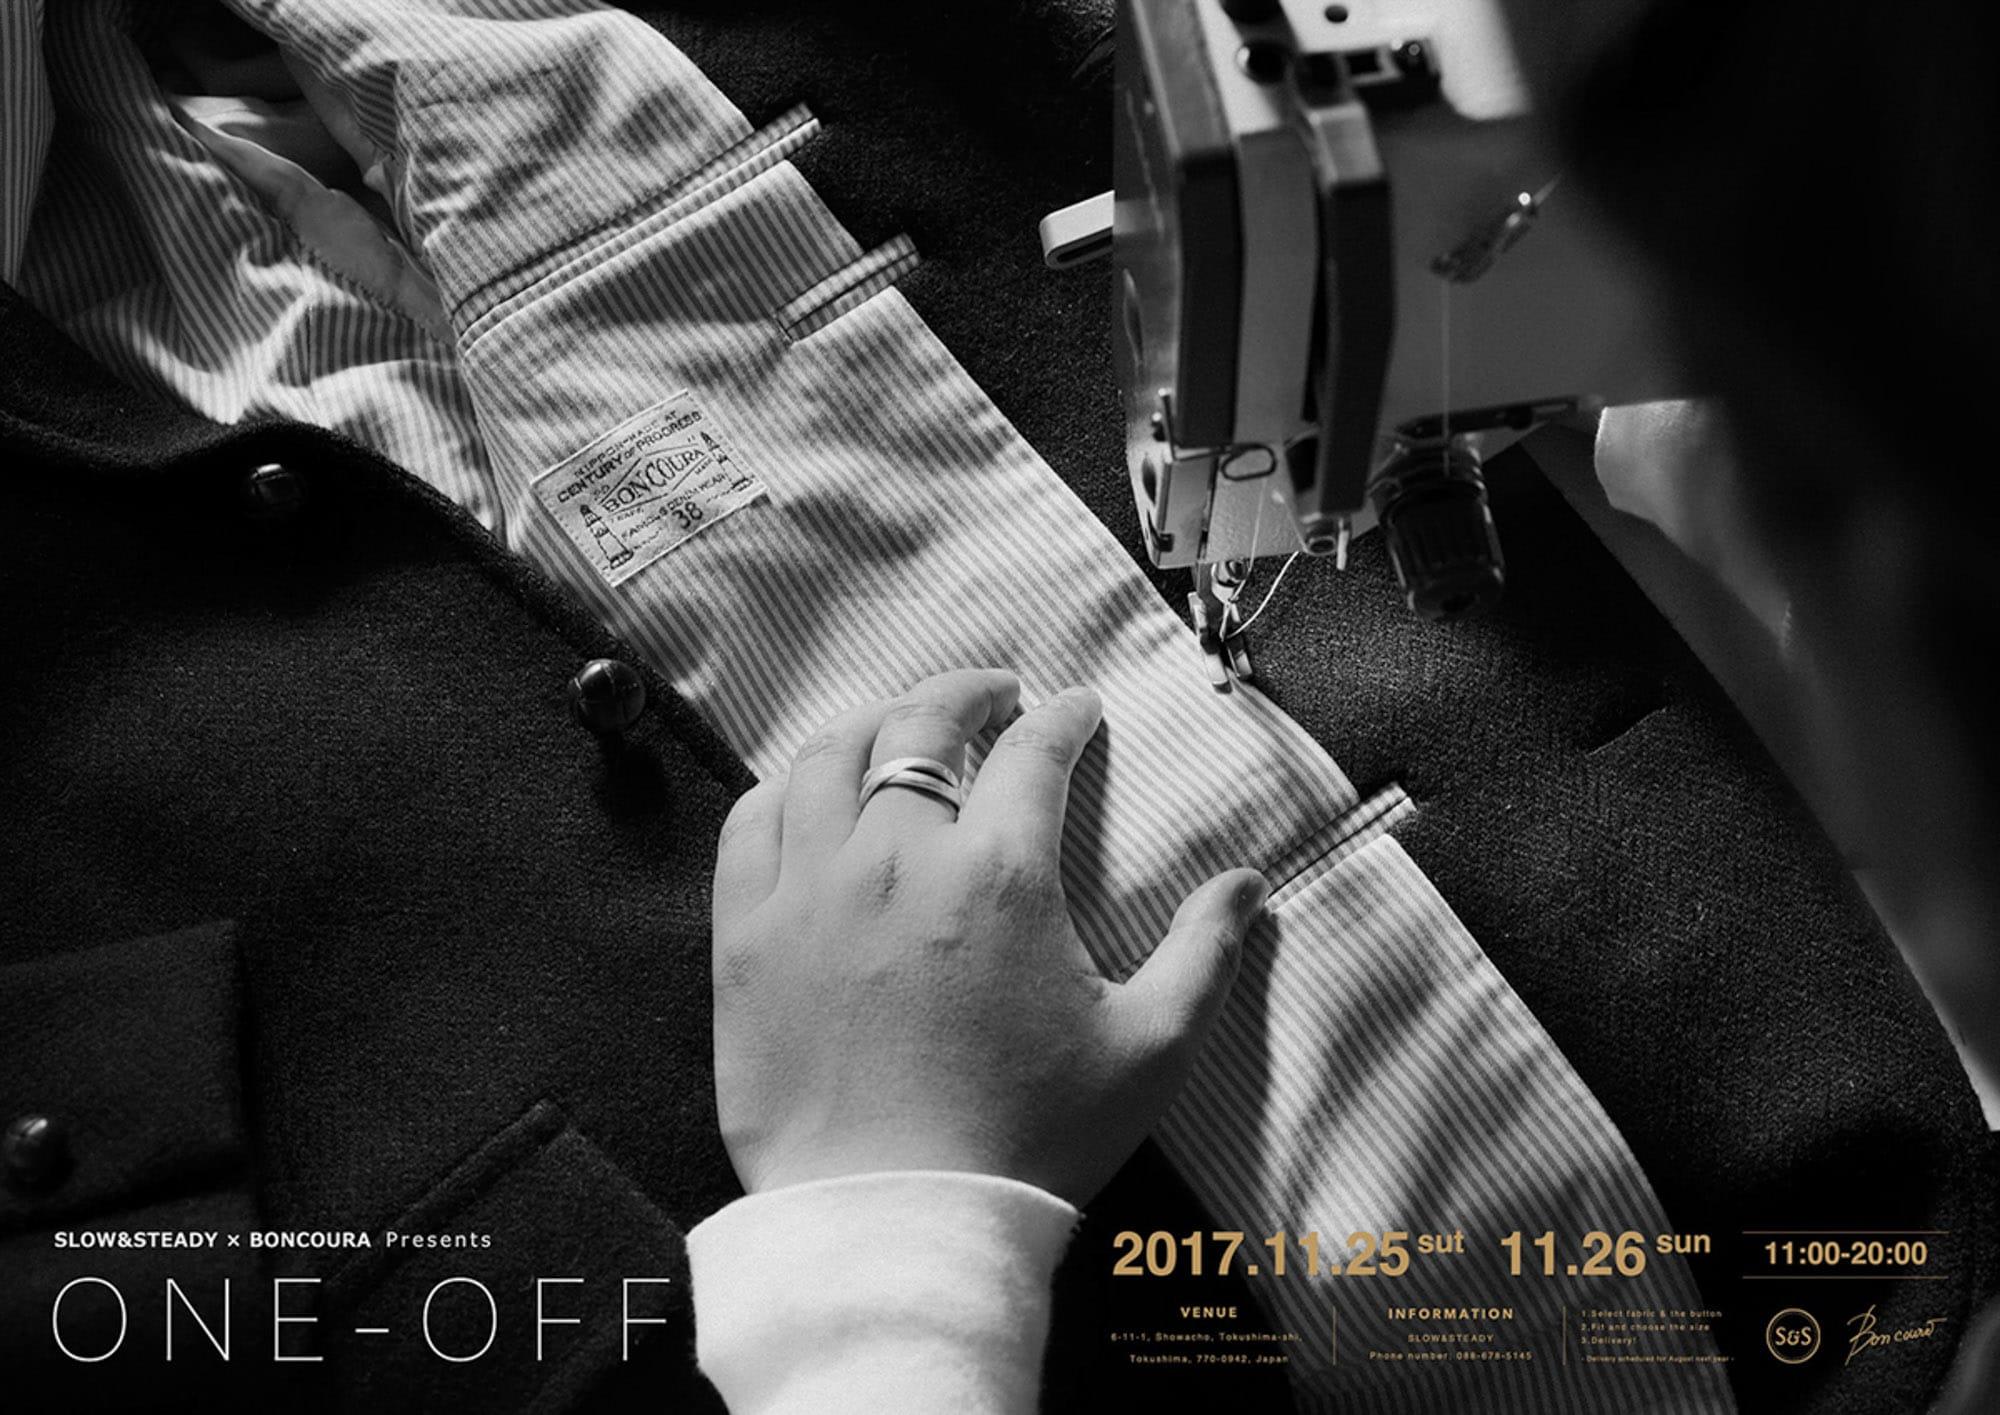 SLOW&STEADY × BONCOURA Presents「ONE-OFF」開催に向けて 〜祖父と通った小さな洋服店の記憶〜